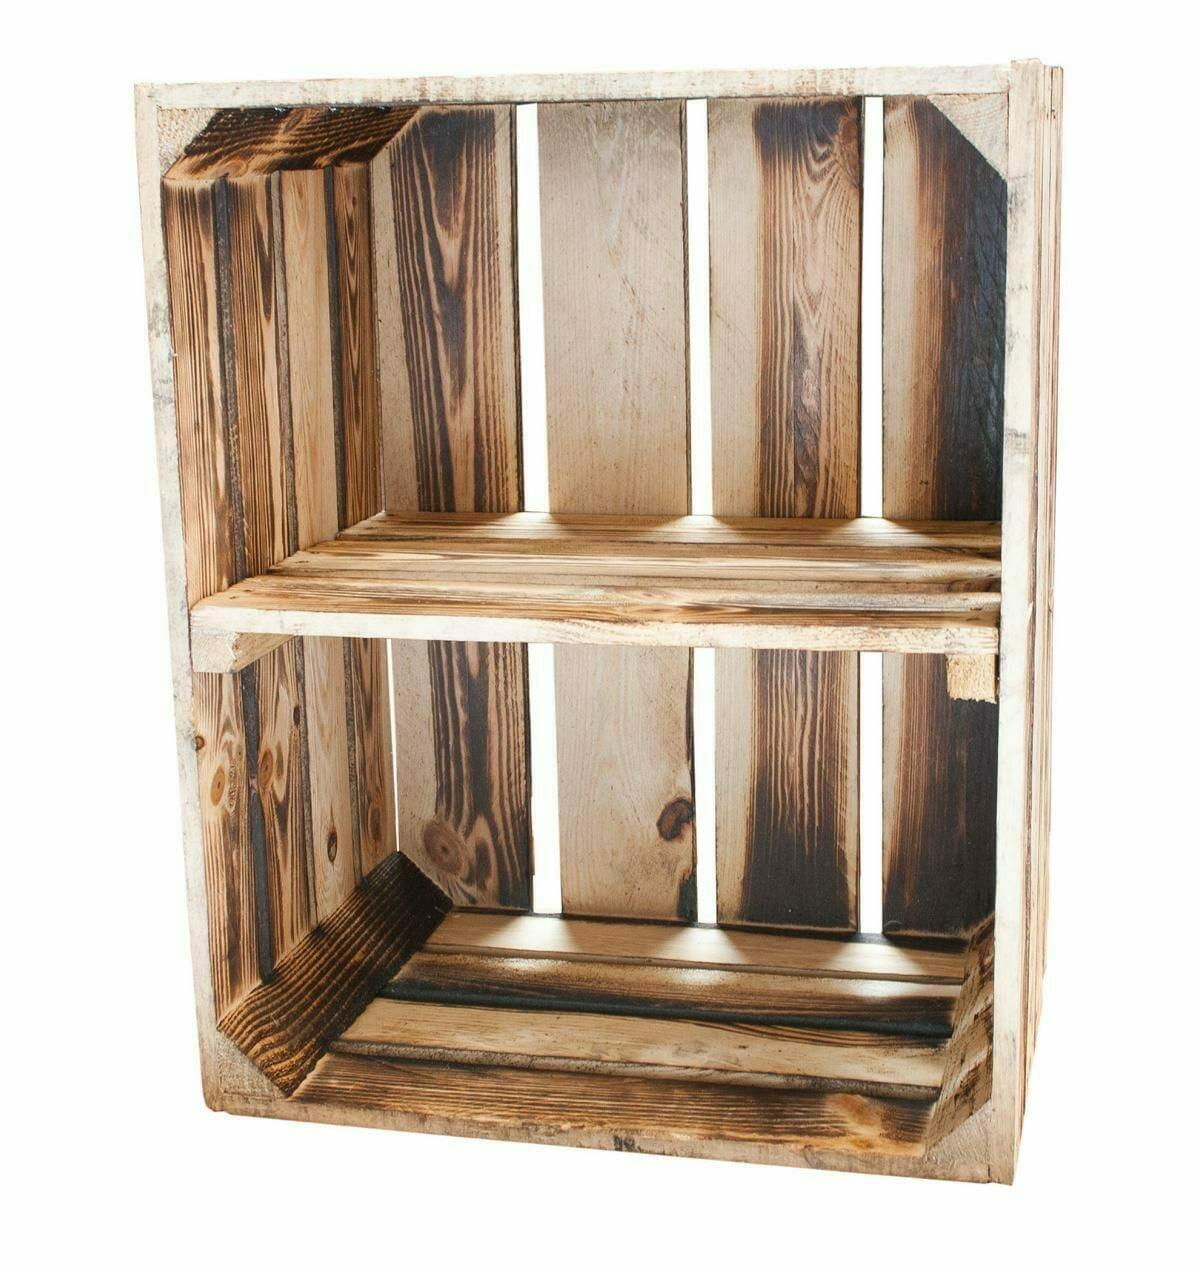 Full Size of Regal Aus Kisten Ikea Holz Selber Bauen System Holzkisten Basteln Bauanleitung Regale Kaufen Schräge Fächer Für Getränkekisten Winkhaus Fenster Bett Regal Regal Aus Kisten